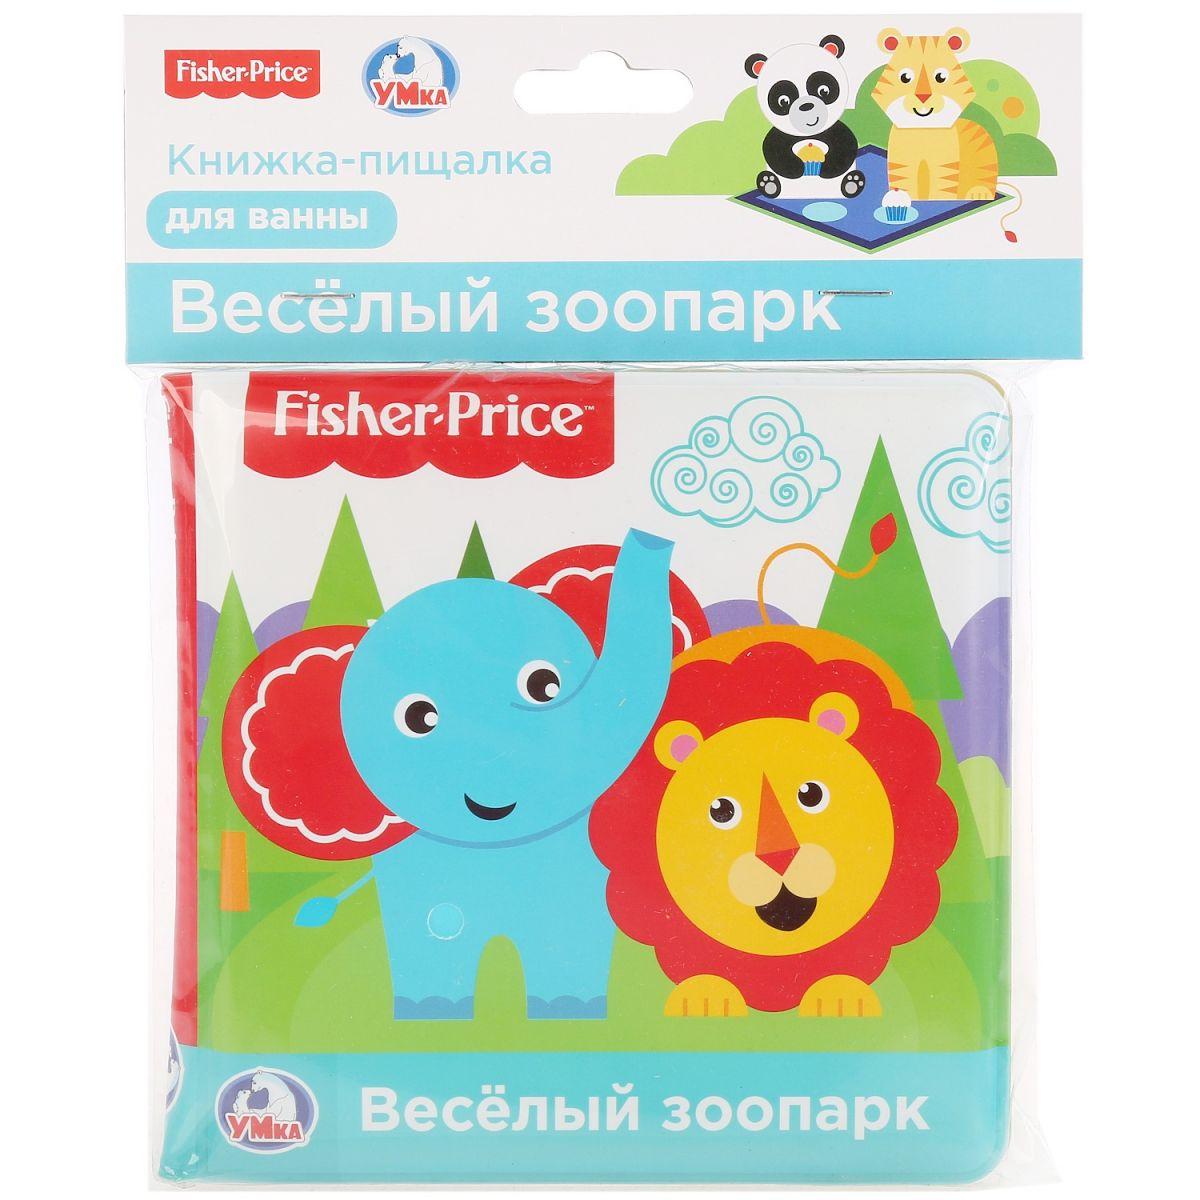 Купить Книга-пищалка для ванны Веселый зоопарк. Фишер прайс, Умка